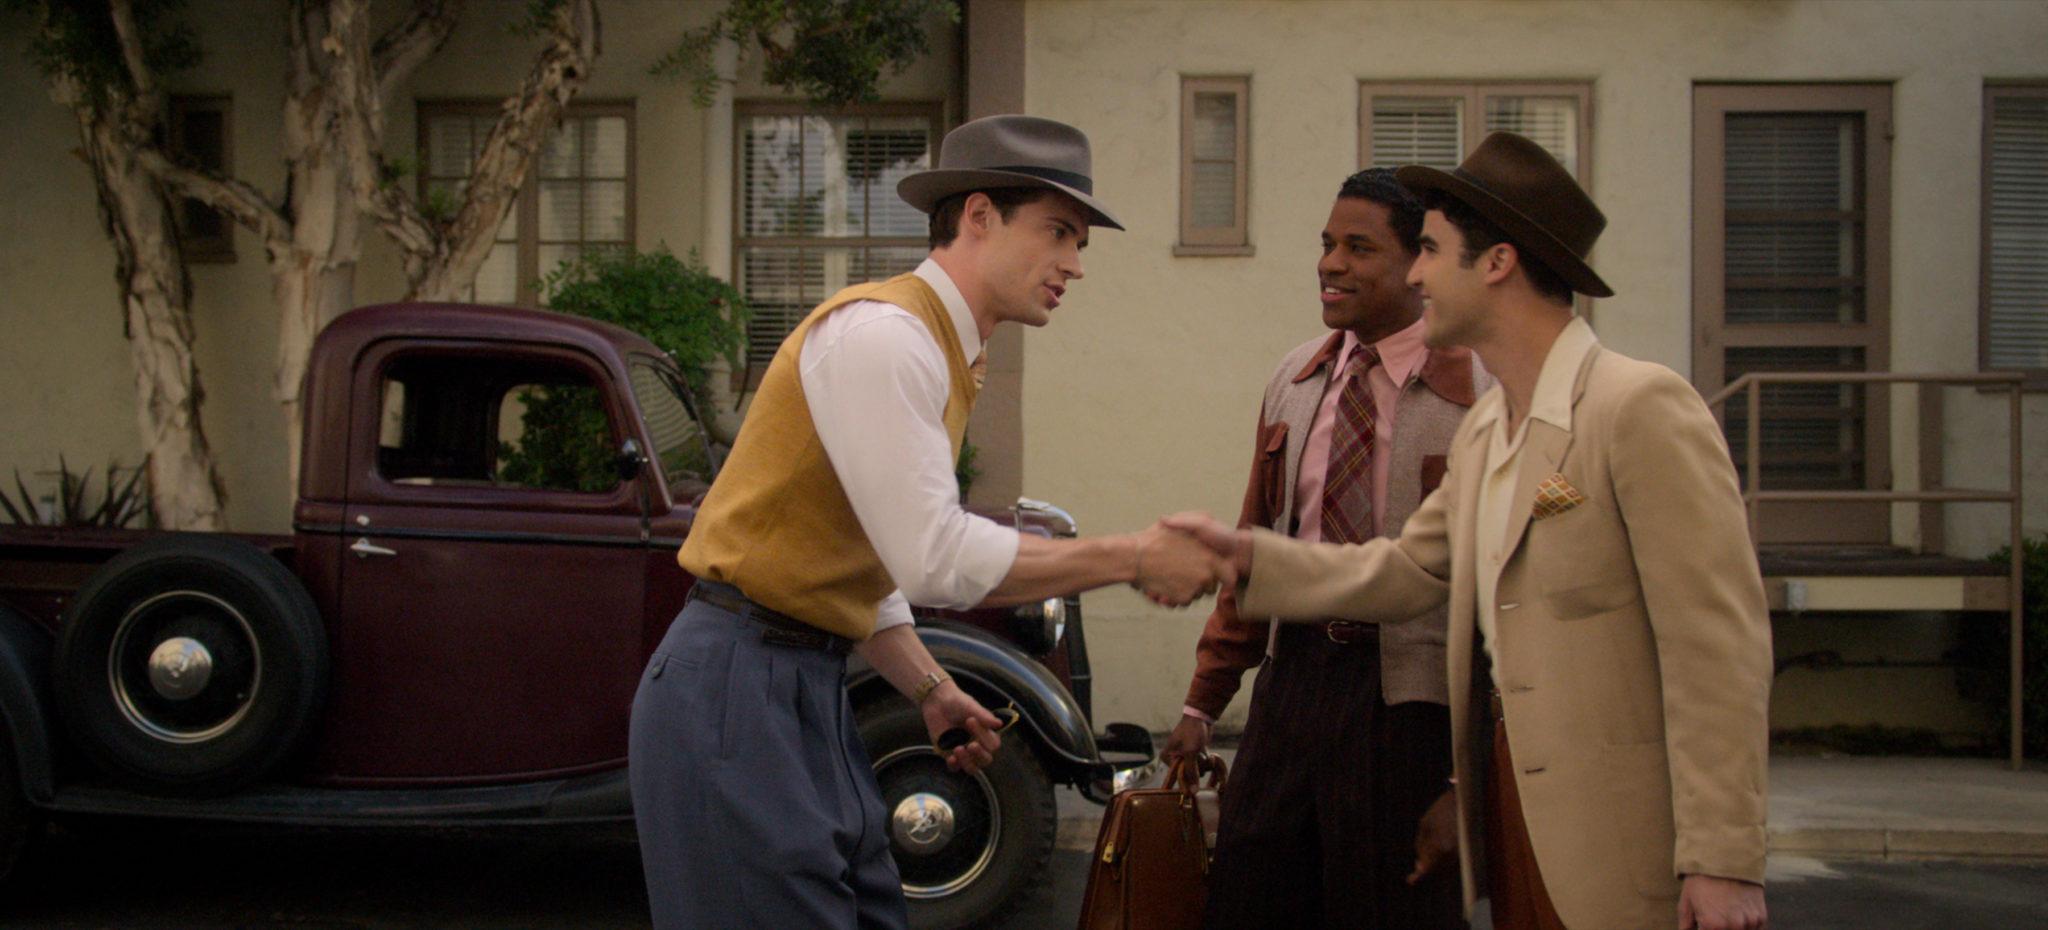 Die drei Protagonisten Jack, Archie und Raymond begrüßen sich vor einem Haus in Hollywood